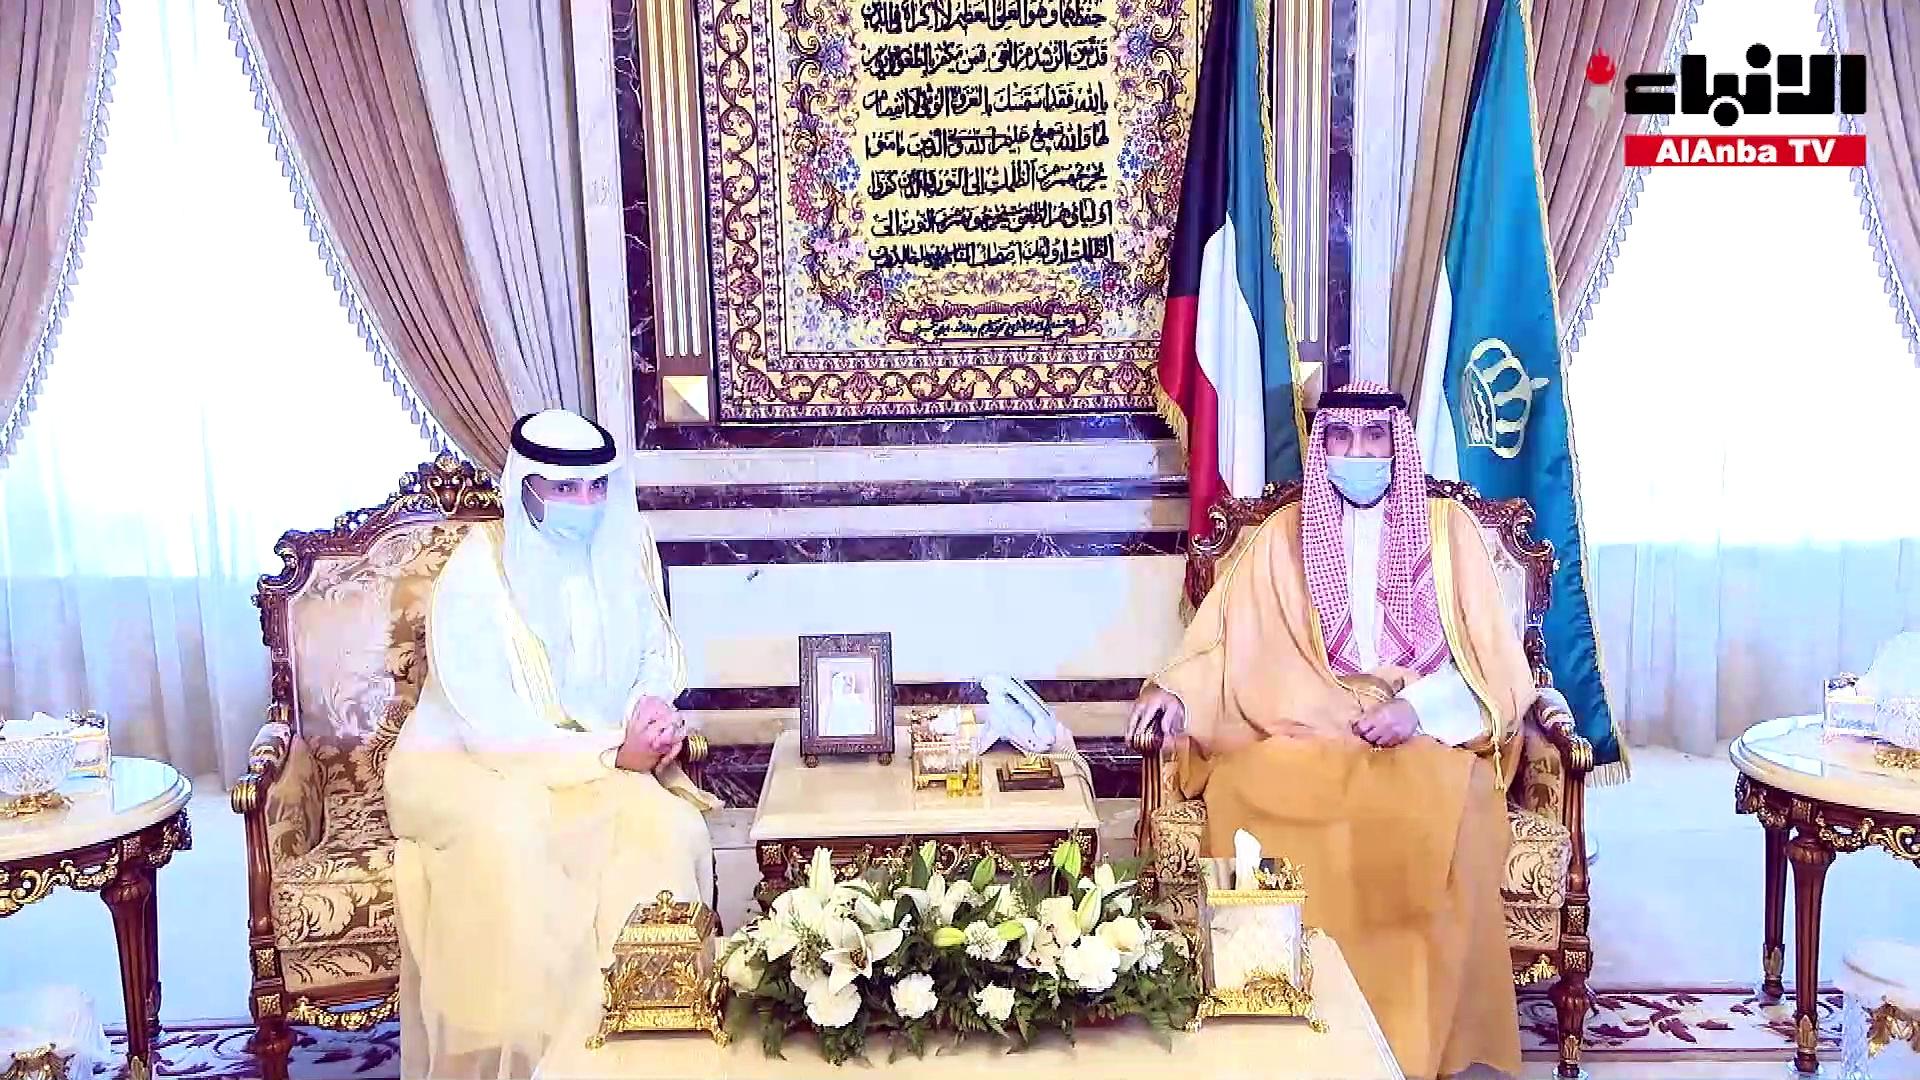 الأمير استقبل ولي العهد ورئيسي السلطتين